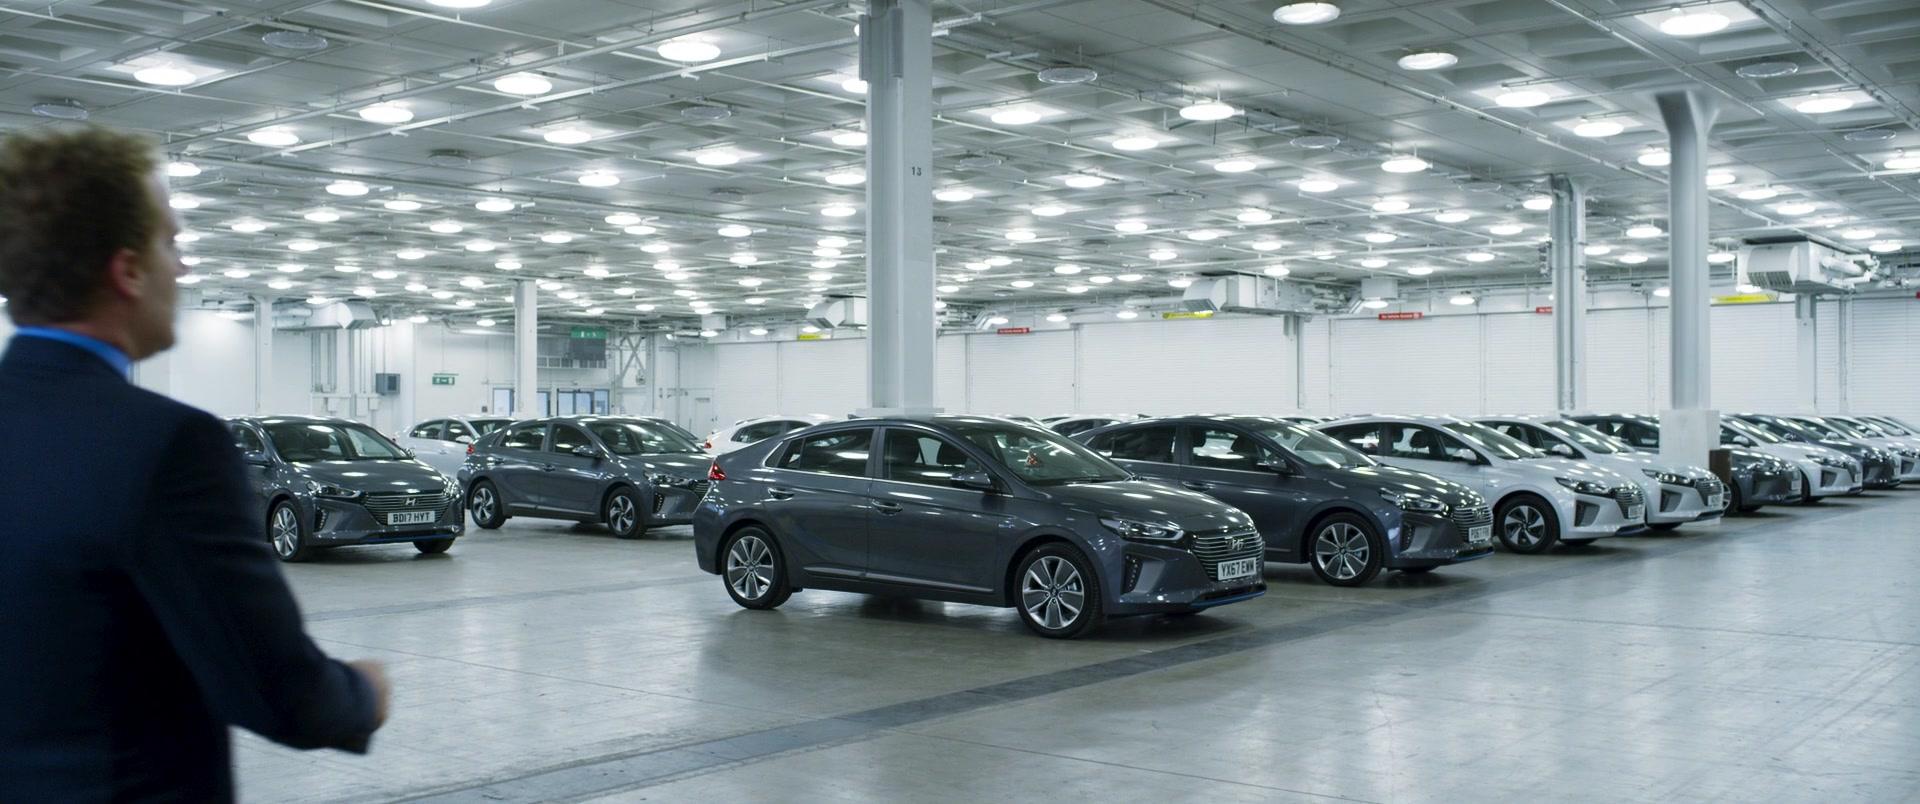 Hyundai Ioniq Cars in Johnny English Strikes Again (2018) Movie